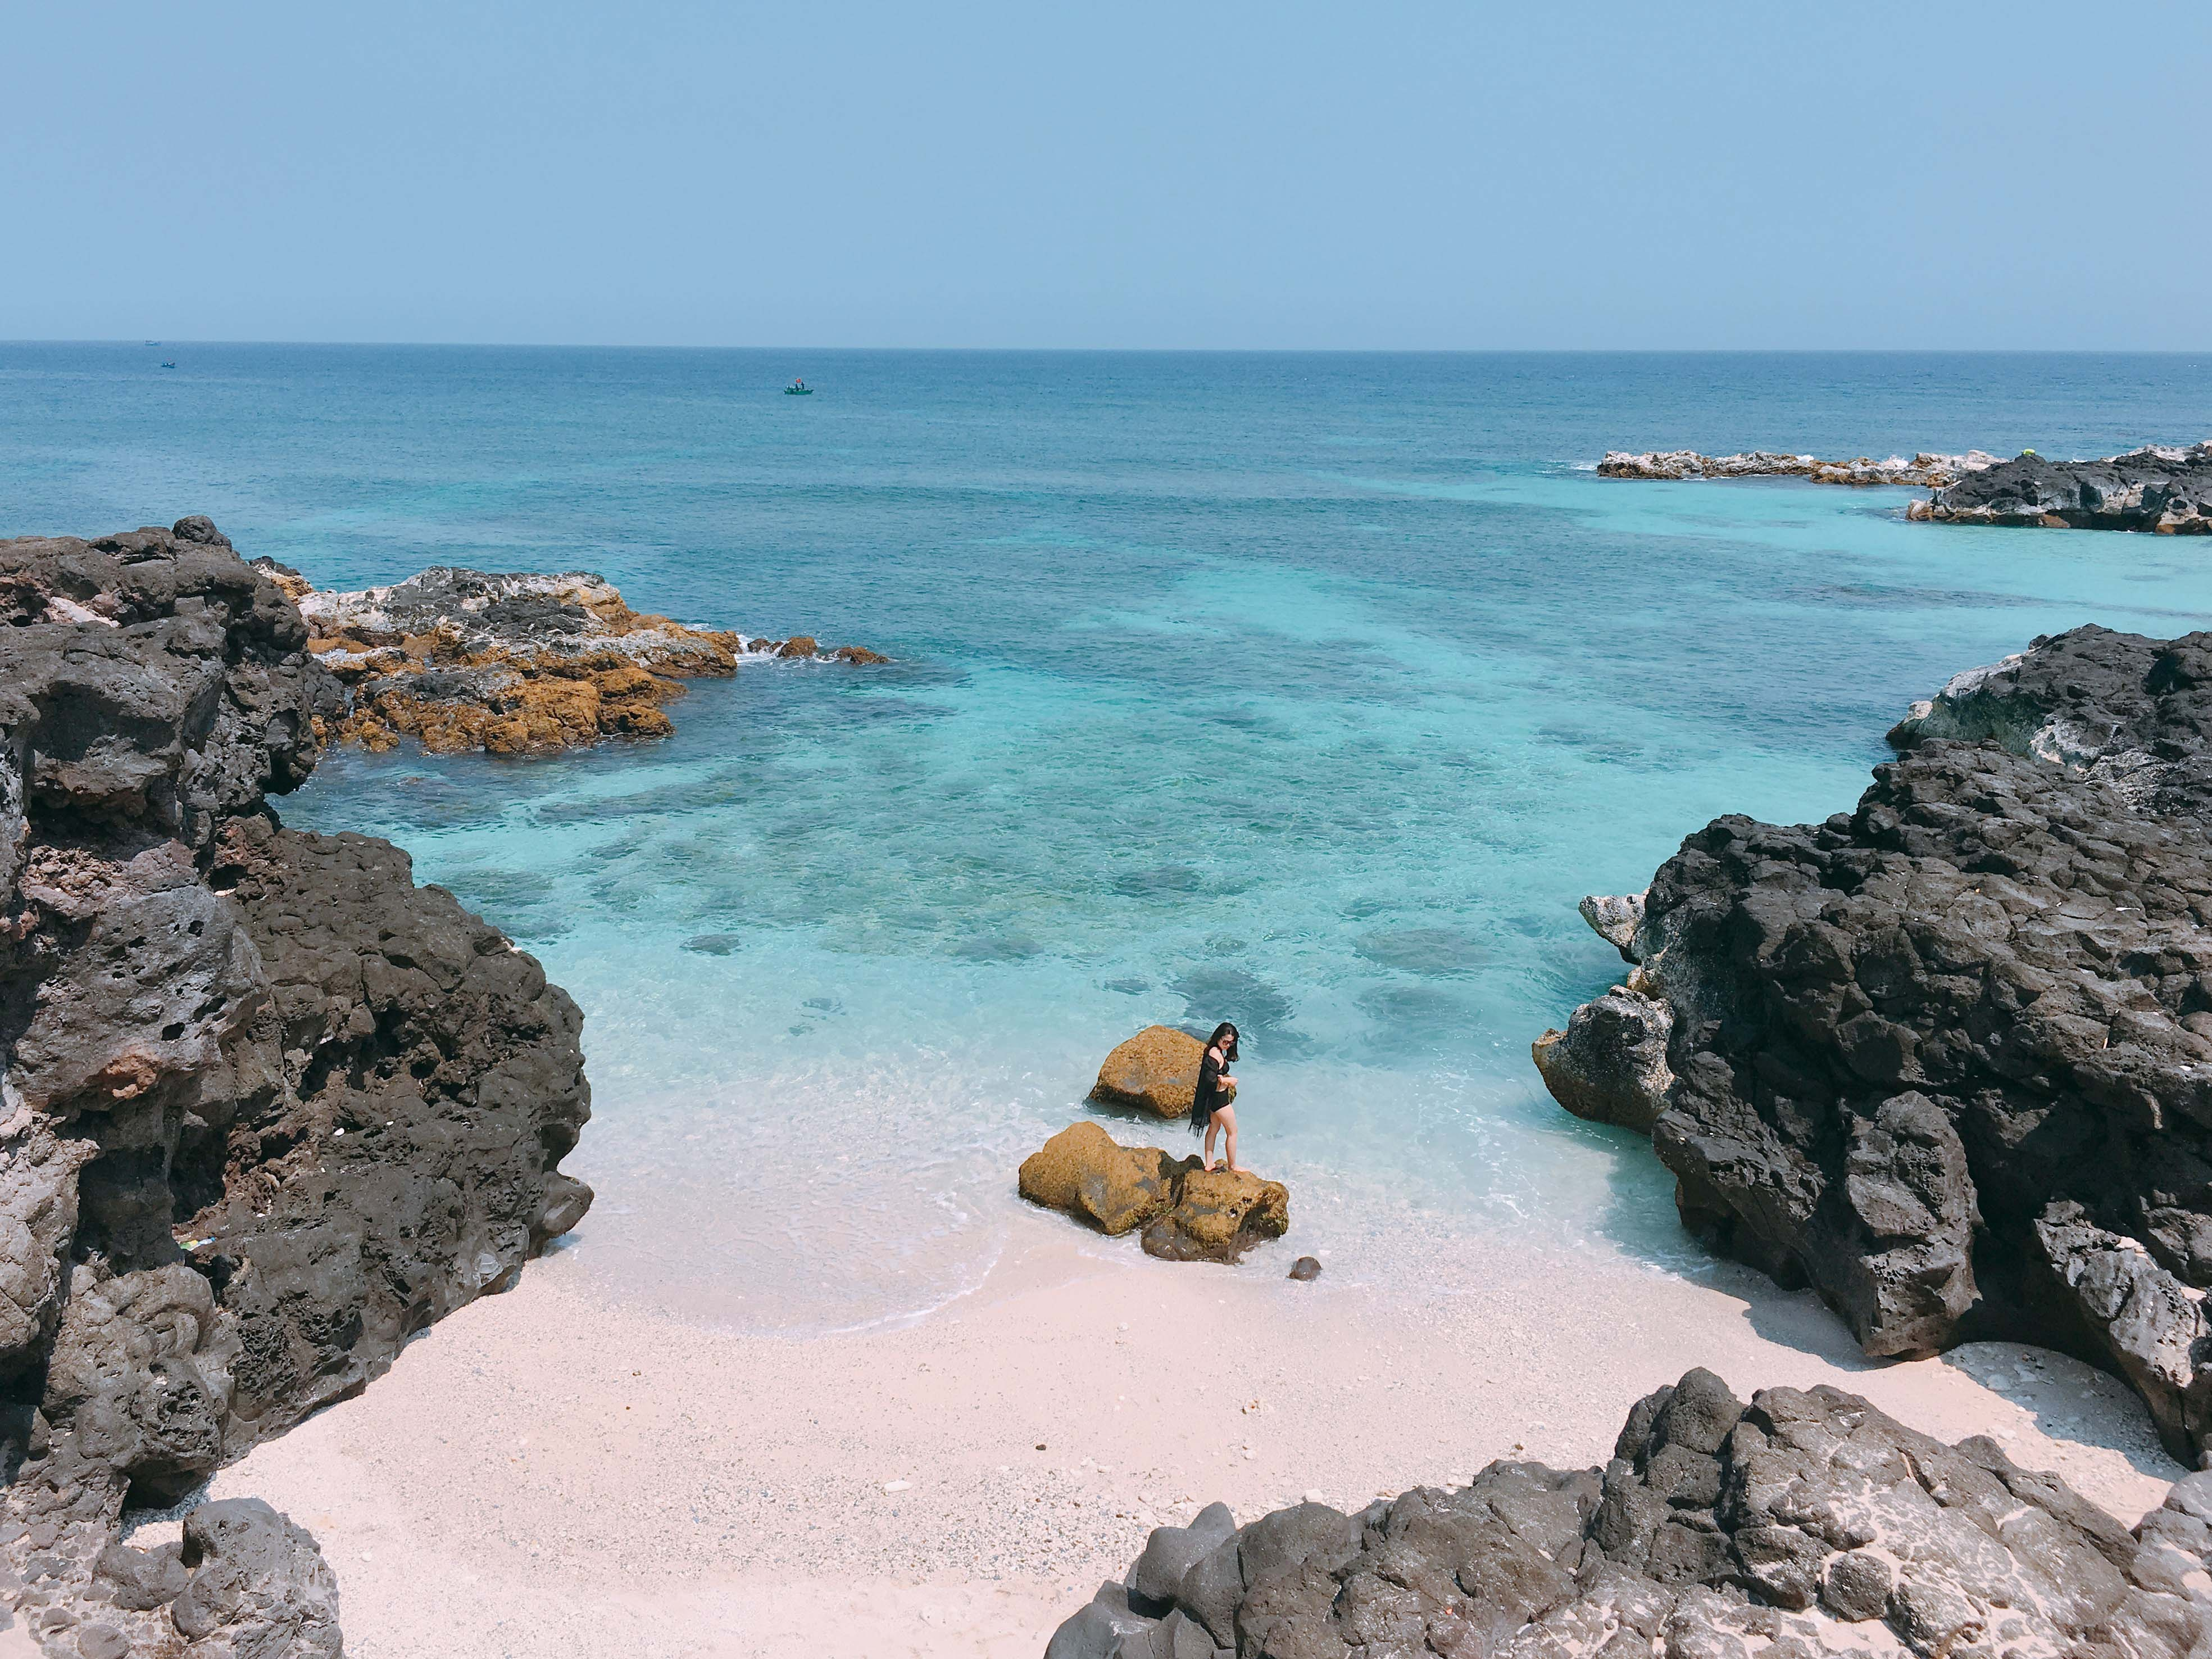 Vẻ đẹp nao lòng của biển đảo Việt Nam